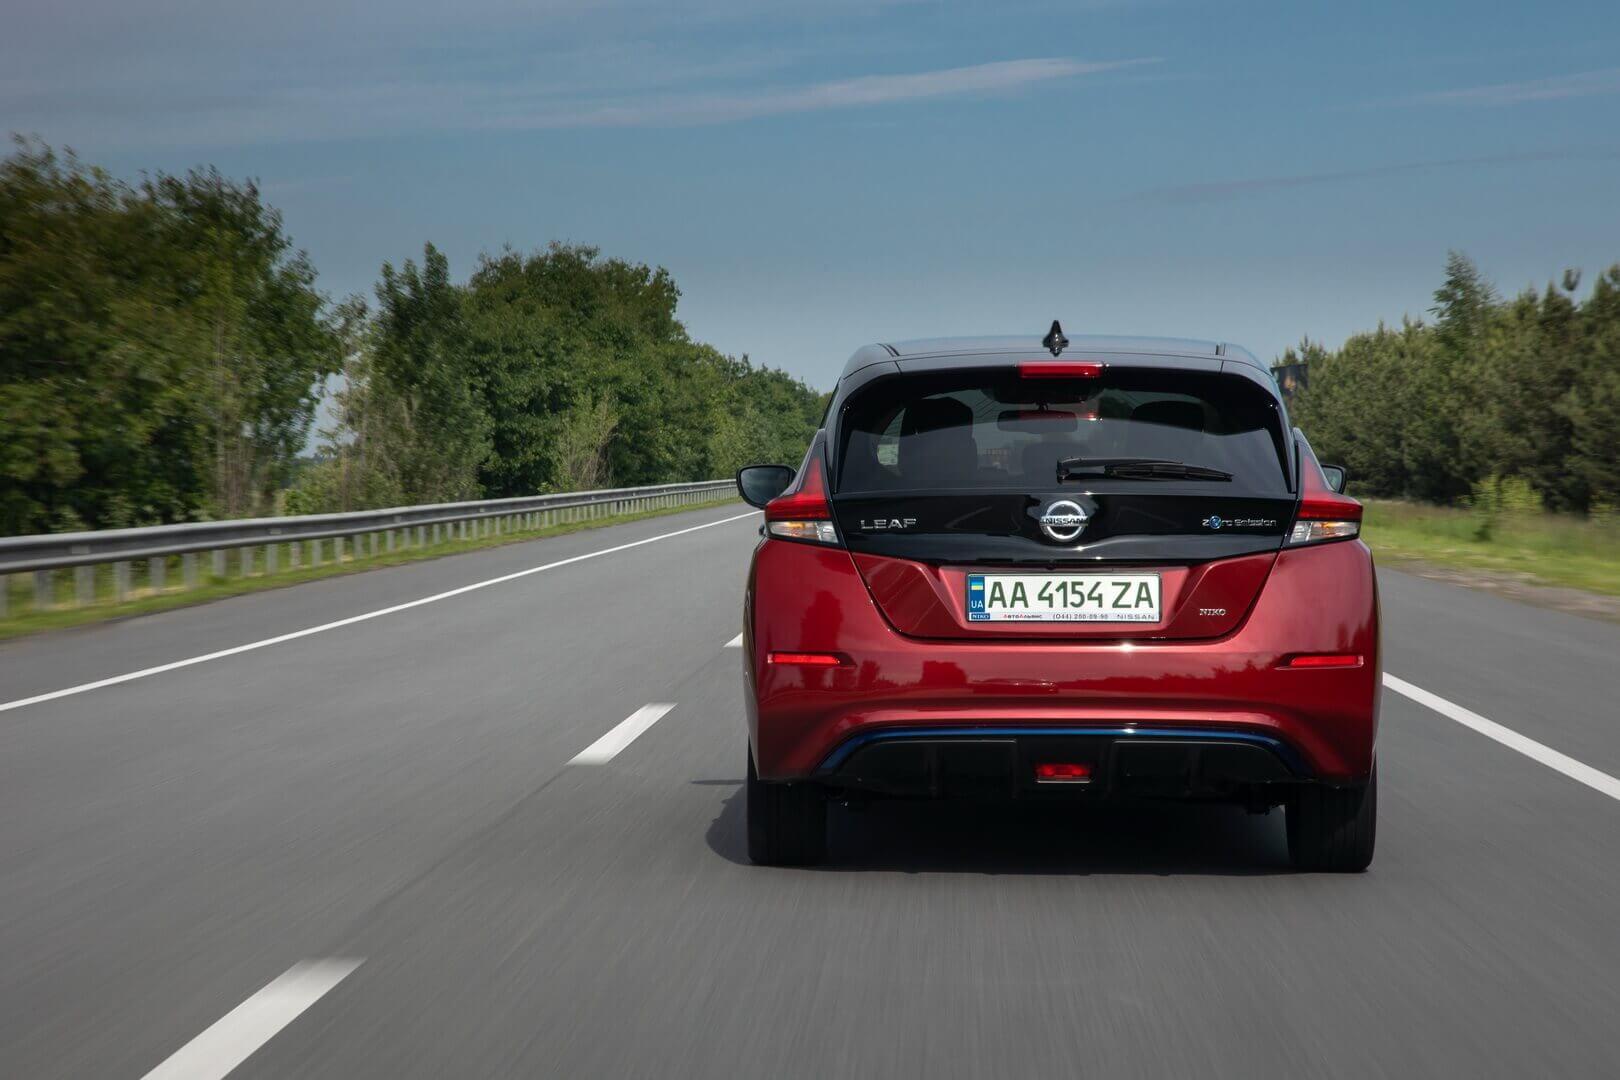 ВУкраине Nissan LEAF предлагается вбогатой комплектации N-Connecta поцене от962340гривен